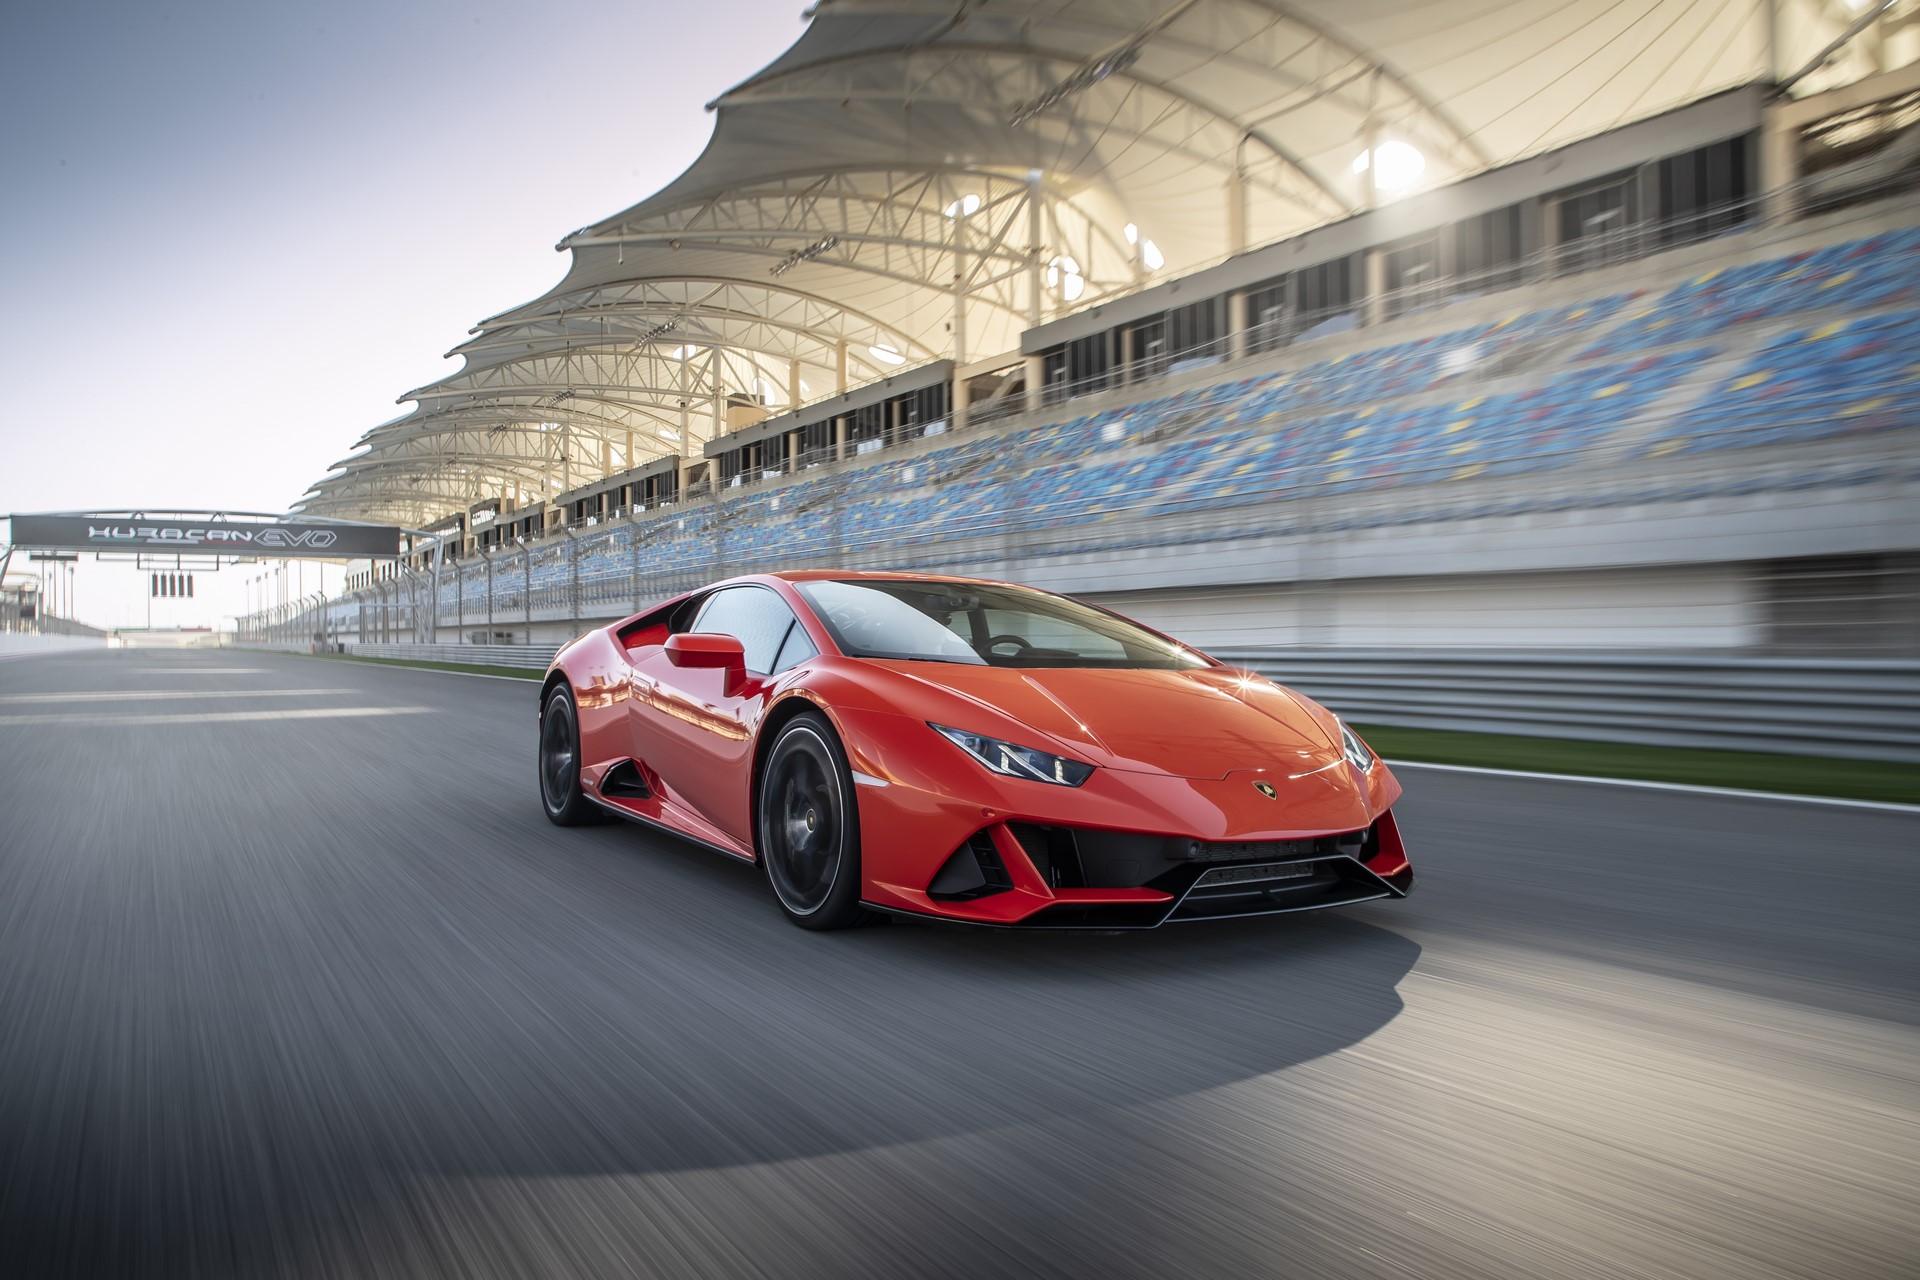 Lamborghini Huracan Evo 2019 (56)